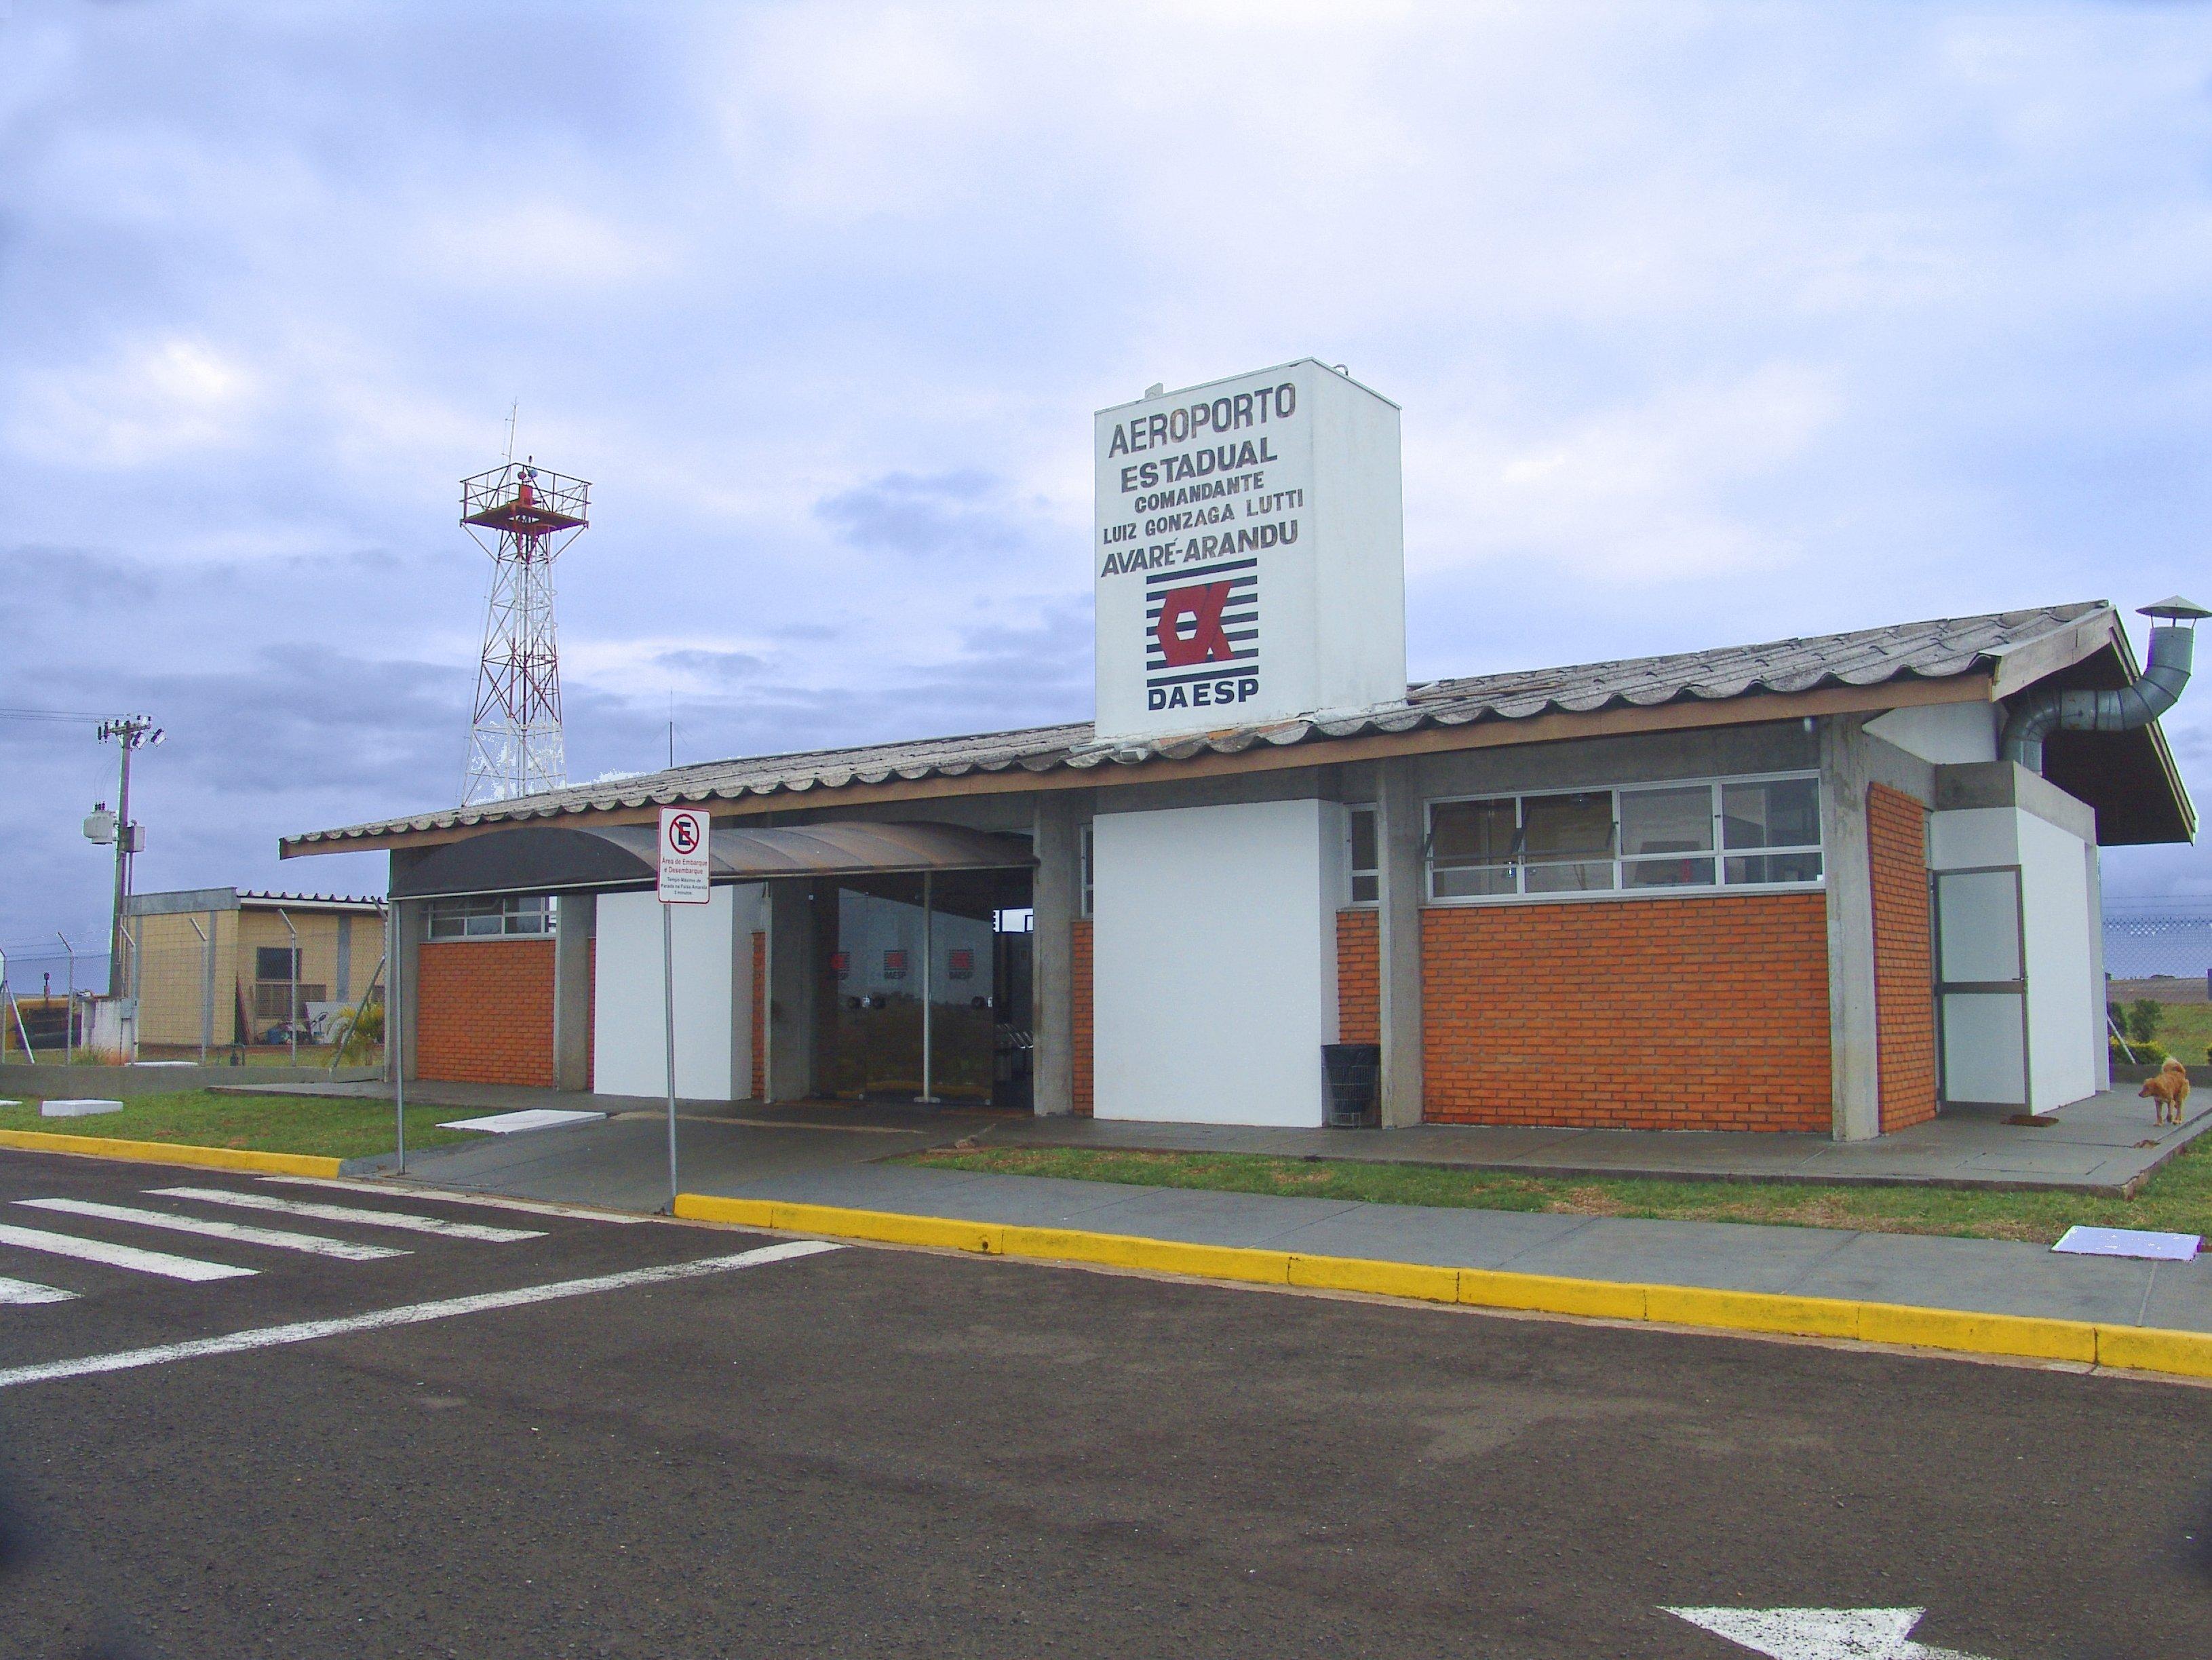 Aeroporto de Avaré-Arandu